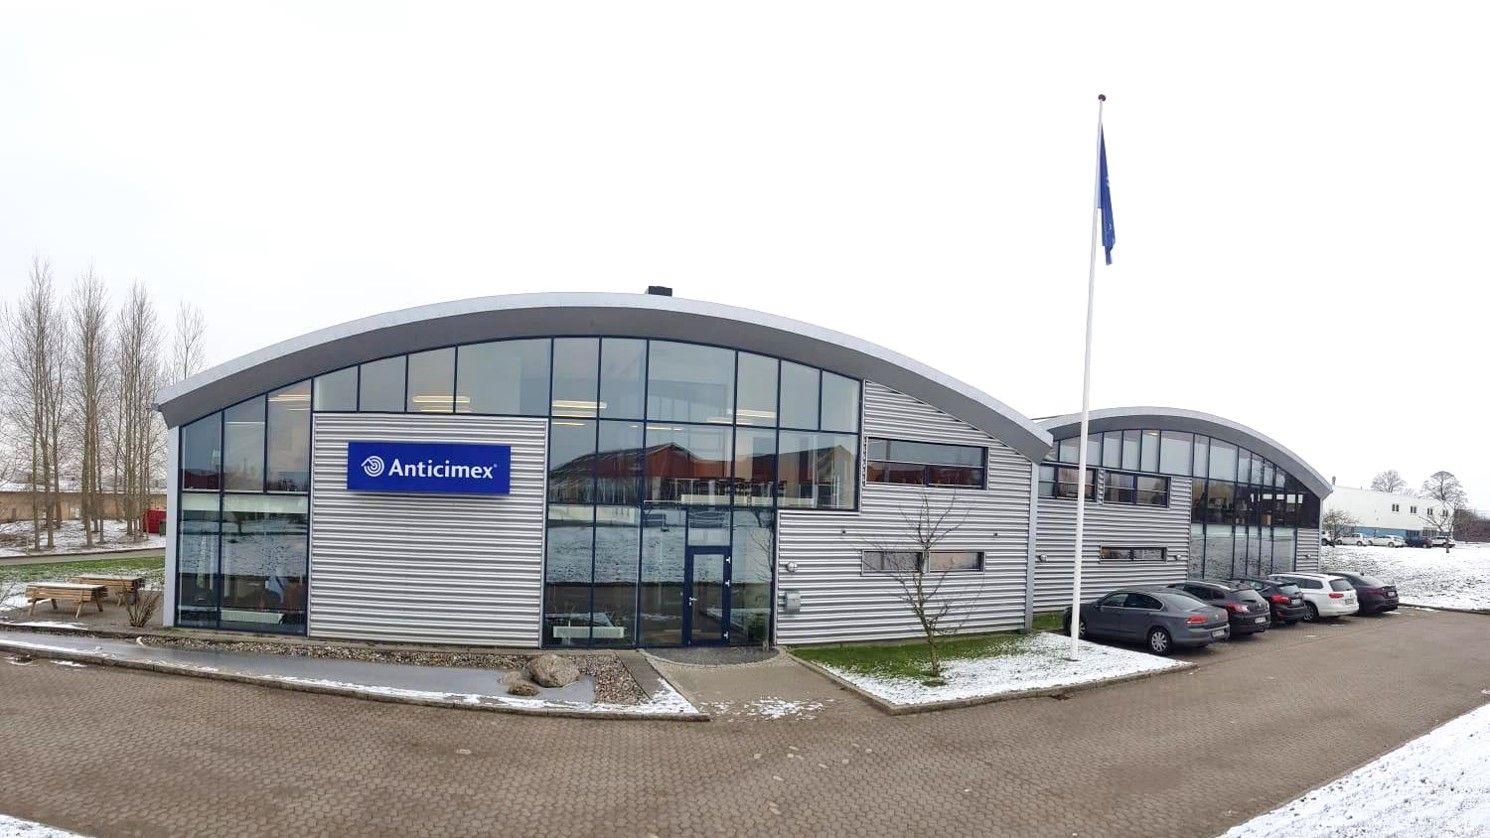 Anticimex Innovation Center